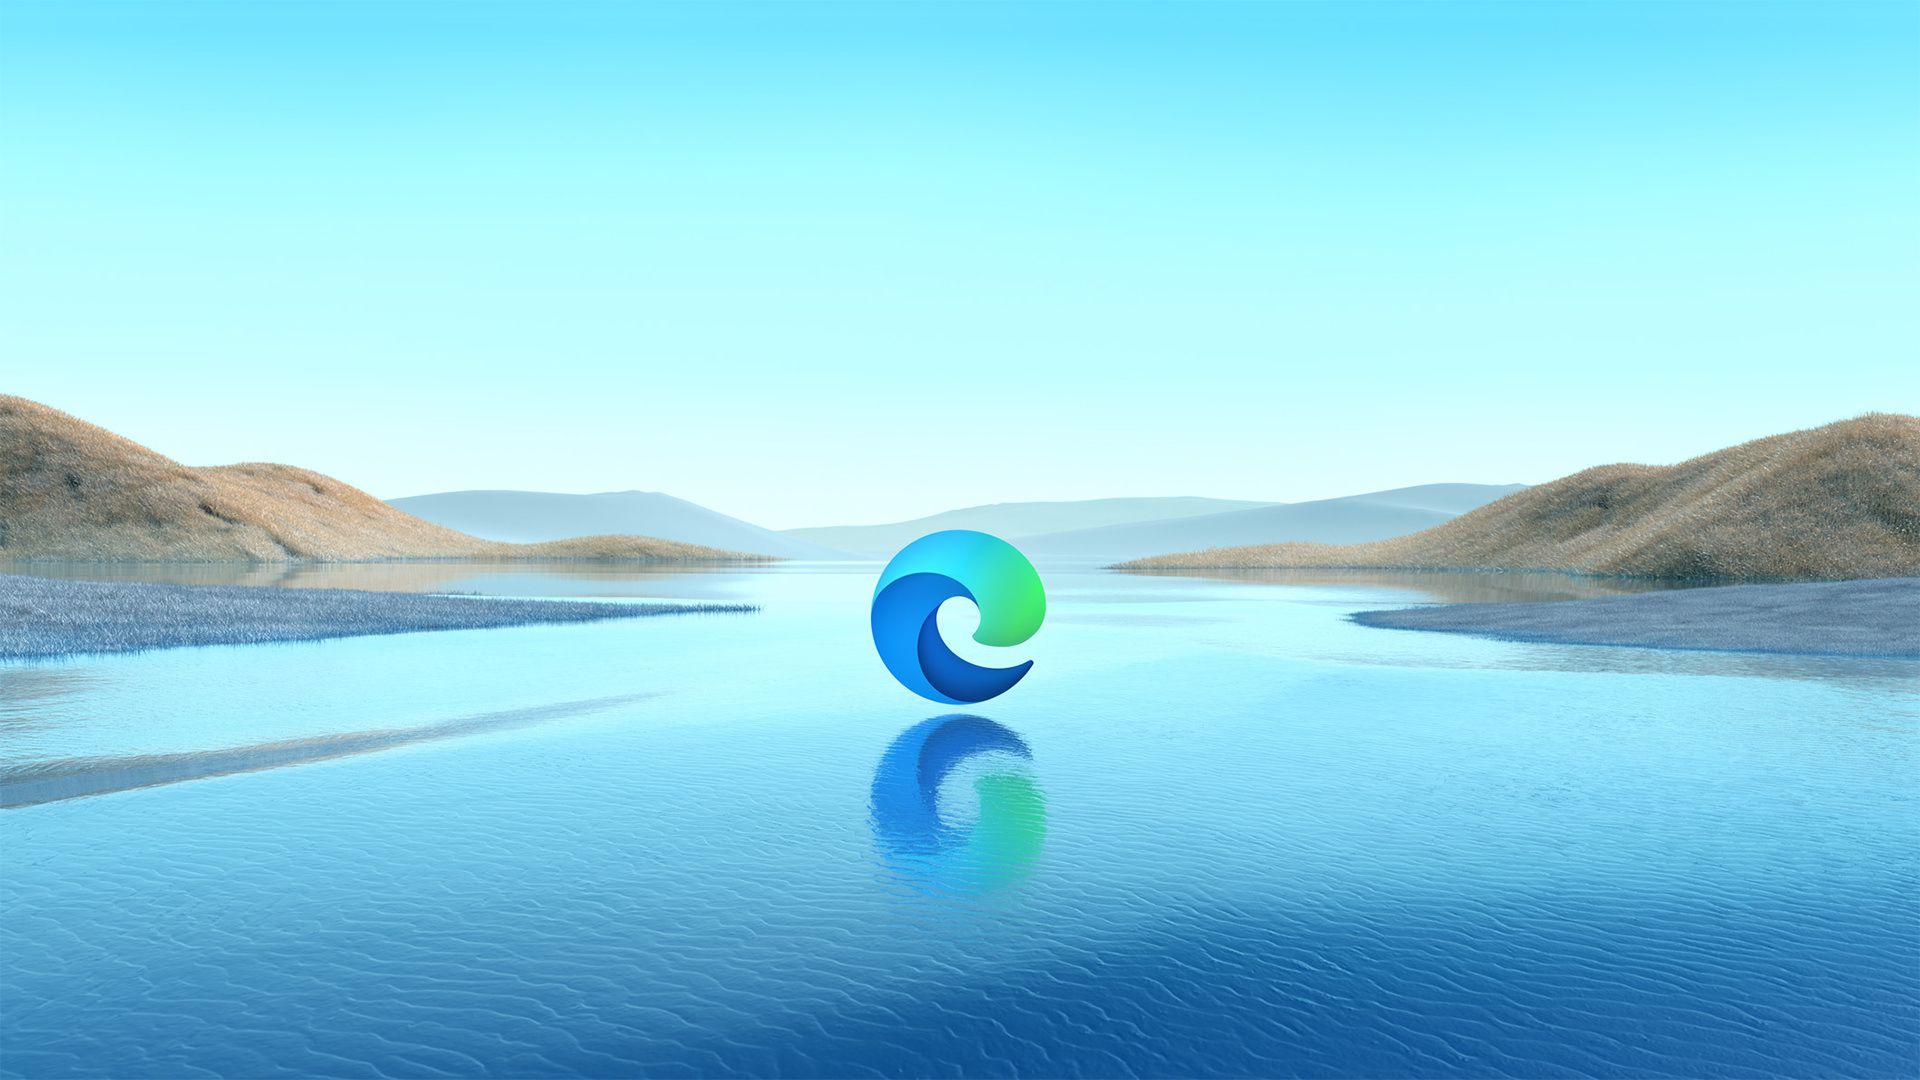 نسخه کرومیوم مرورگر مایکروسافت اج در راه کنسول های ایکس باکس